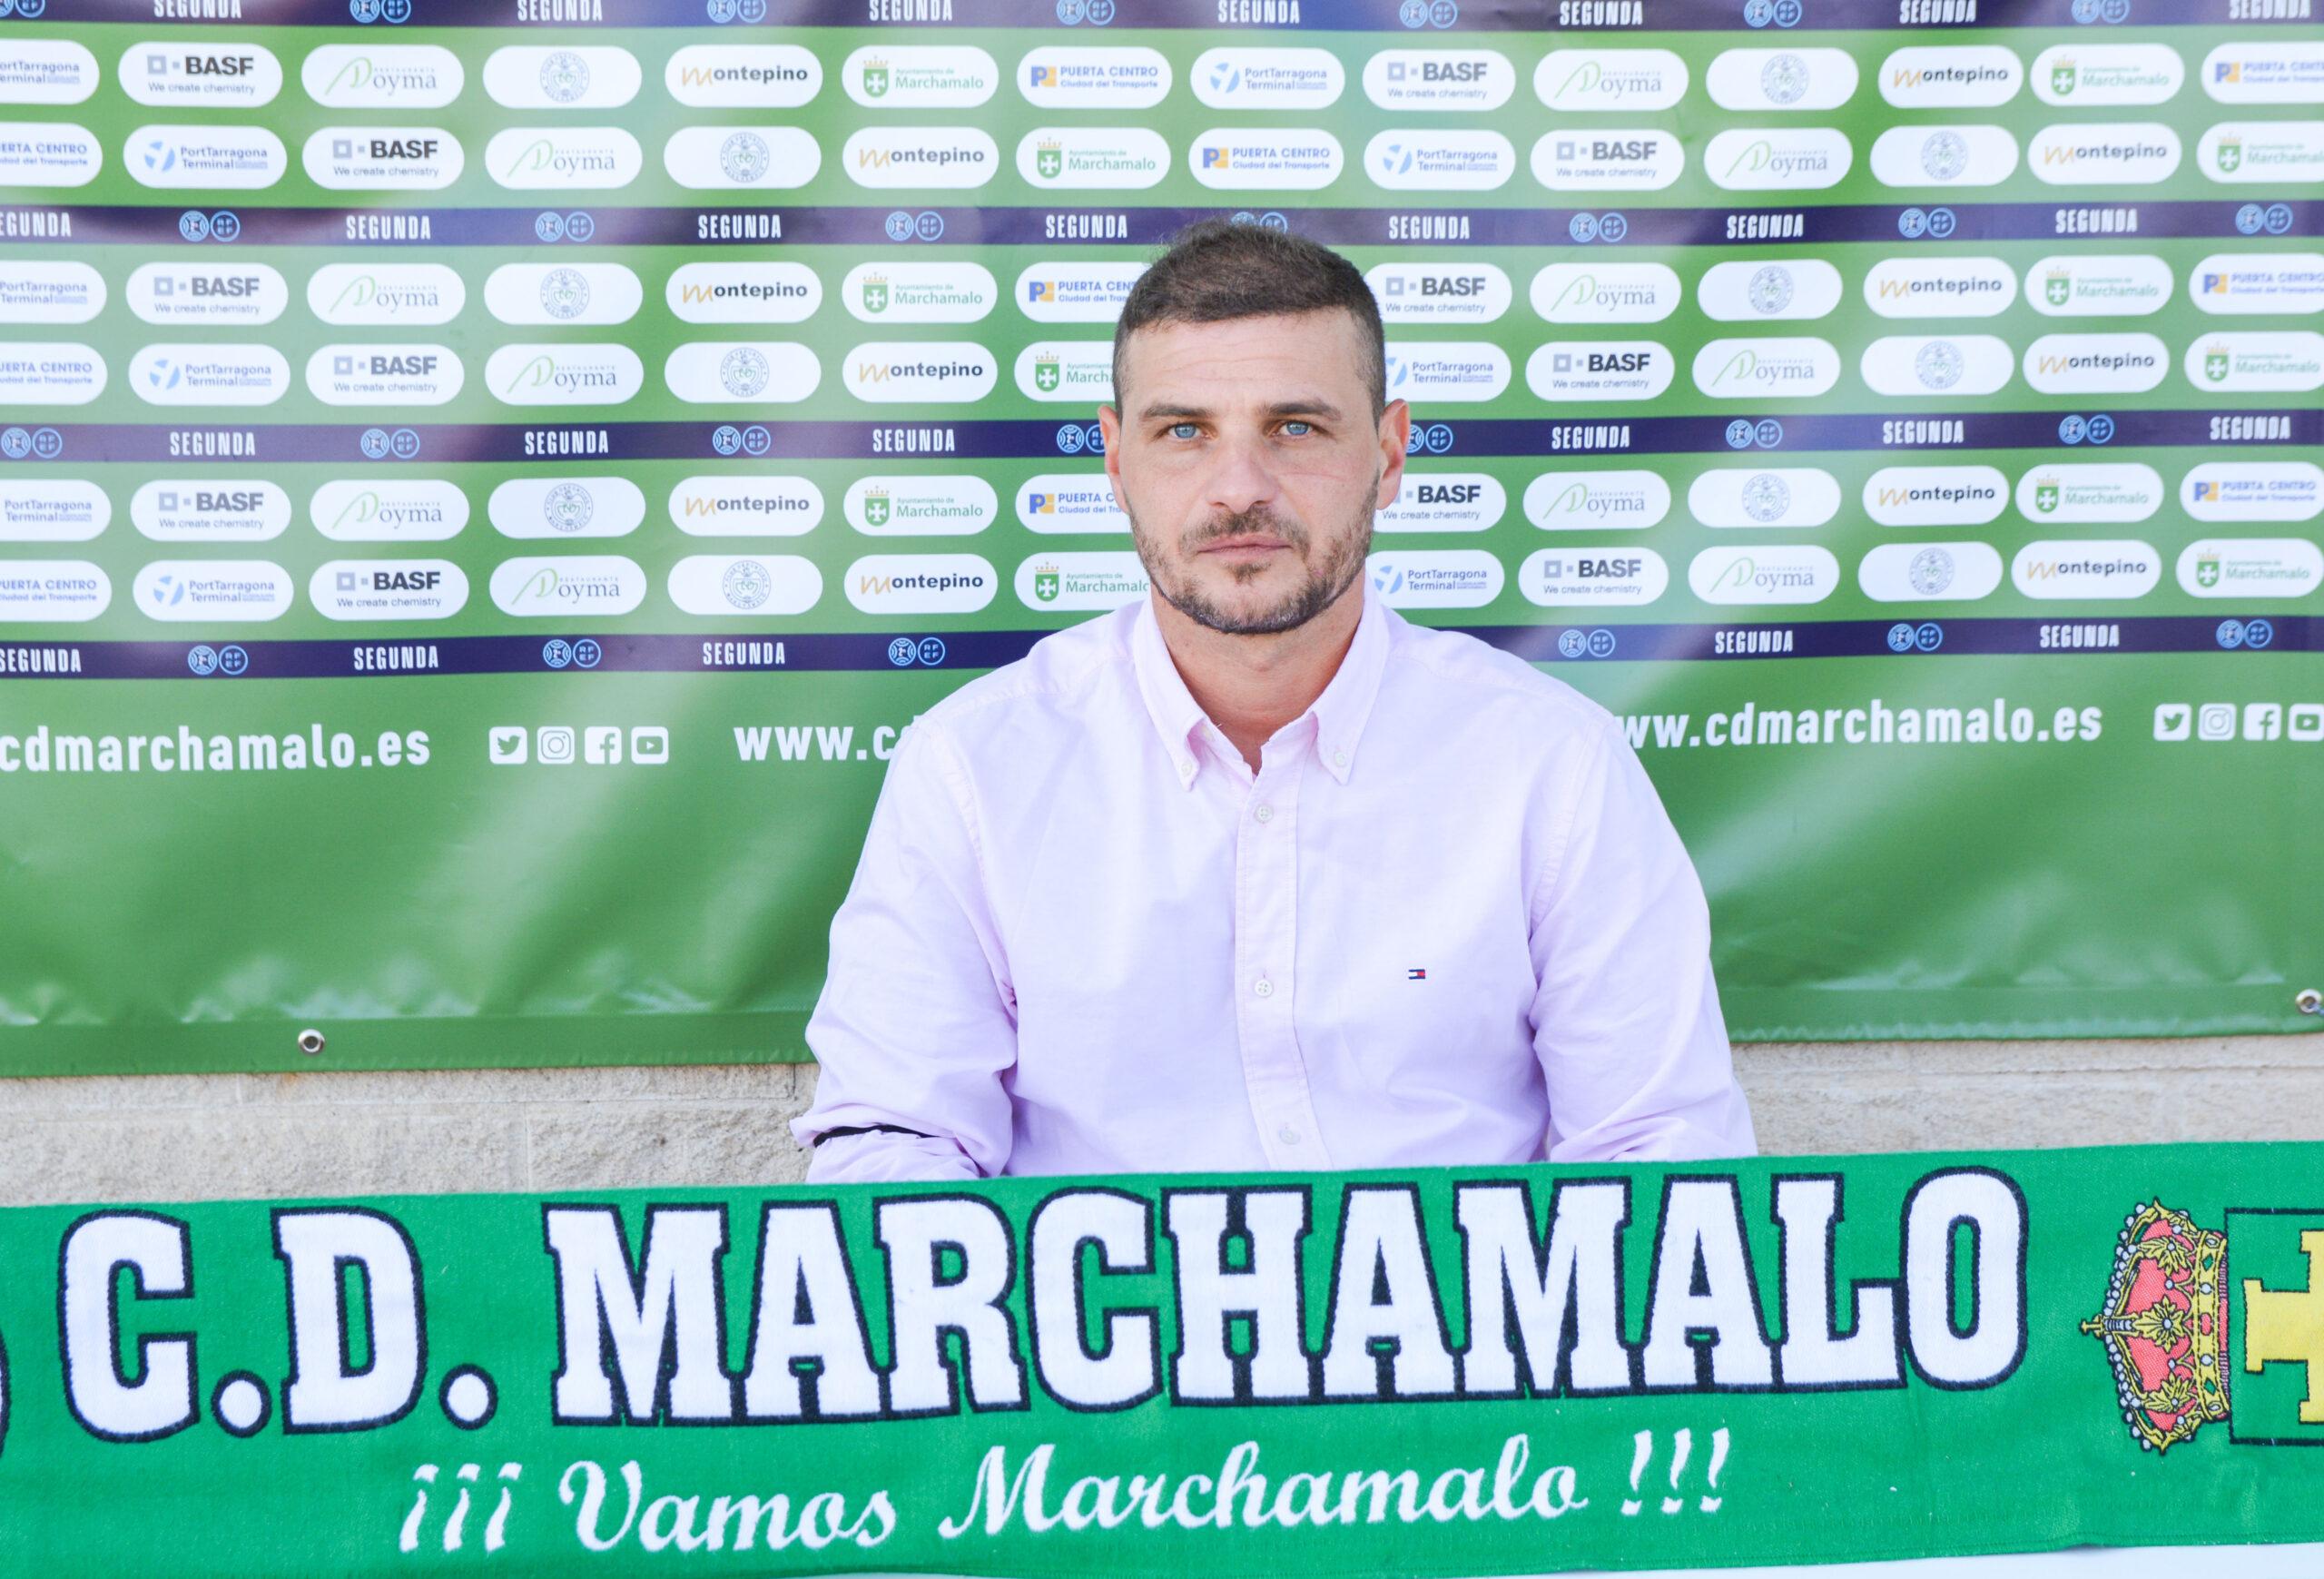 """El CD Marchamalo recibe al Atlético Mancha Real sin """"poner excusas"""""""